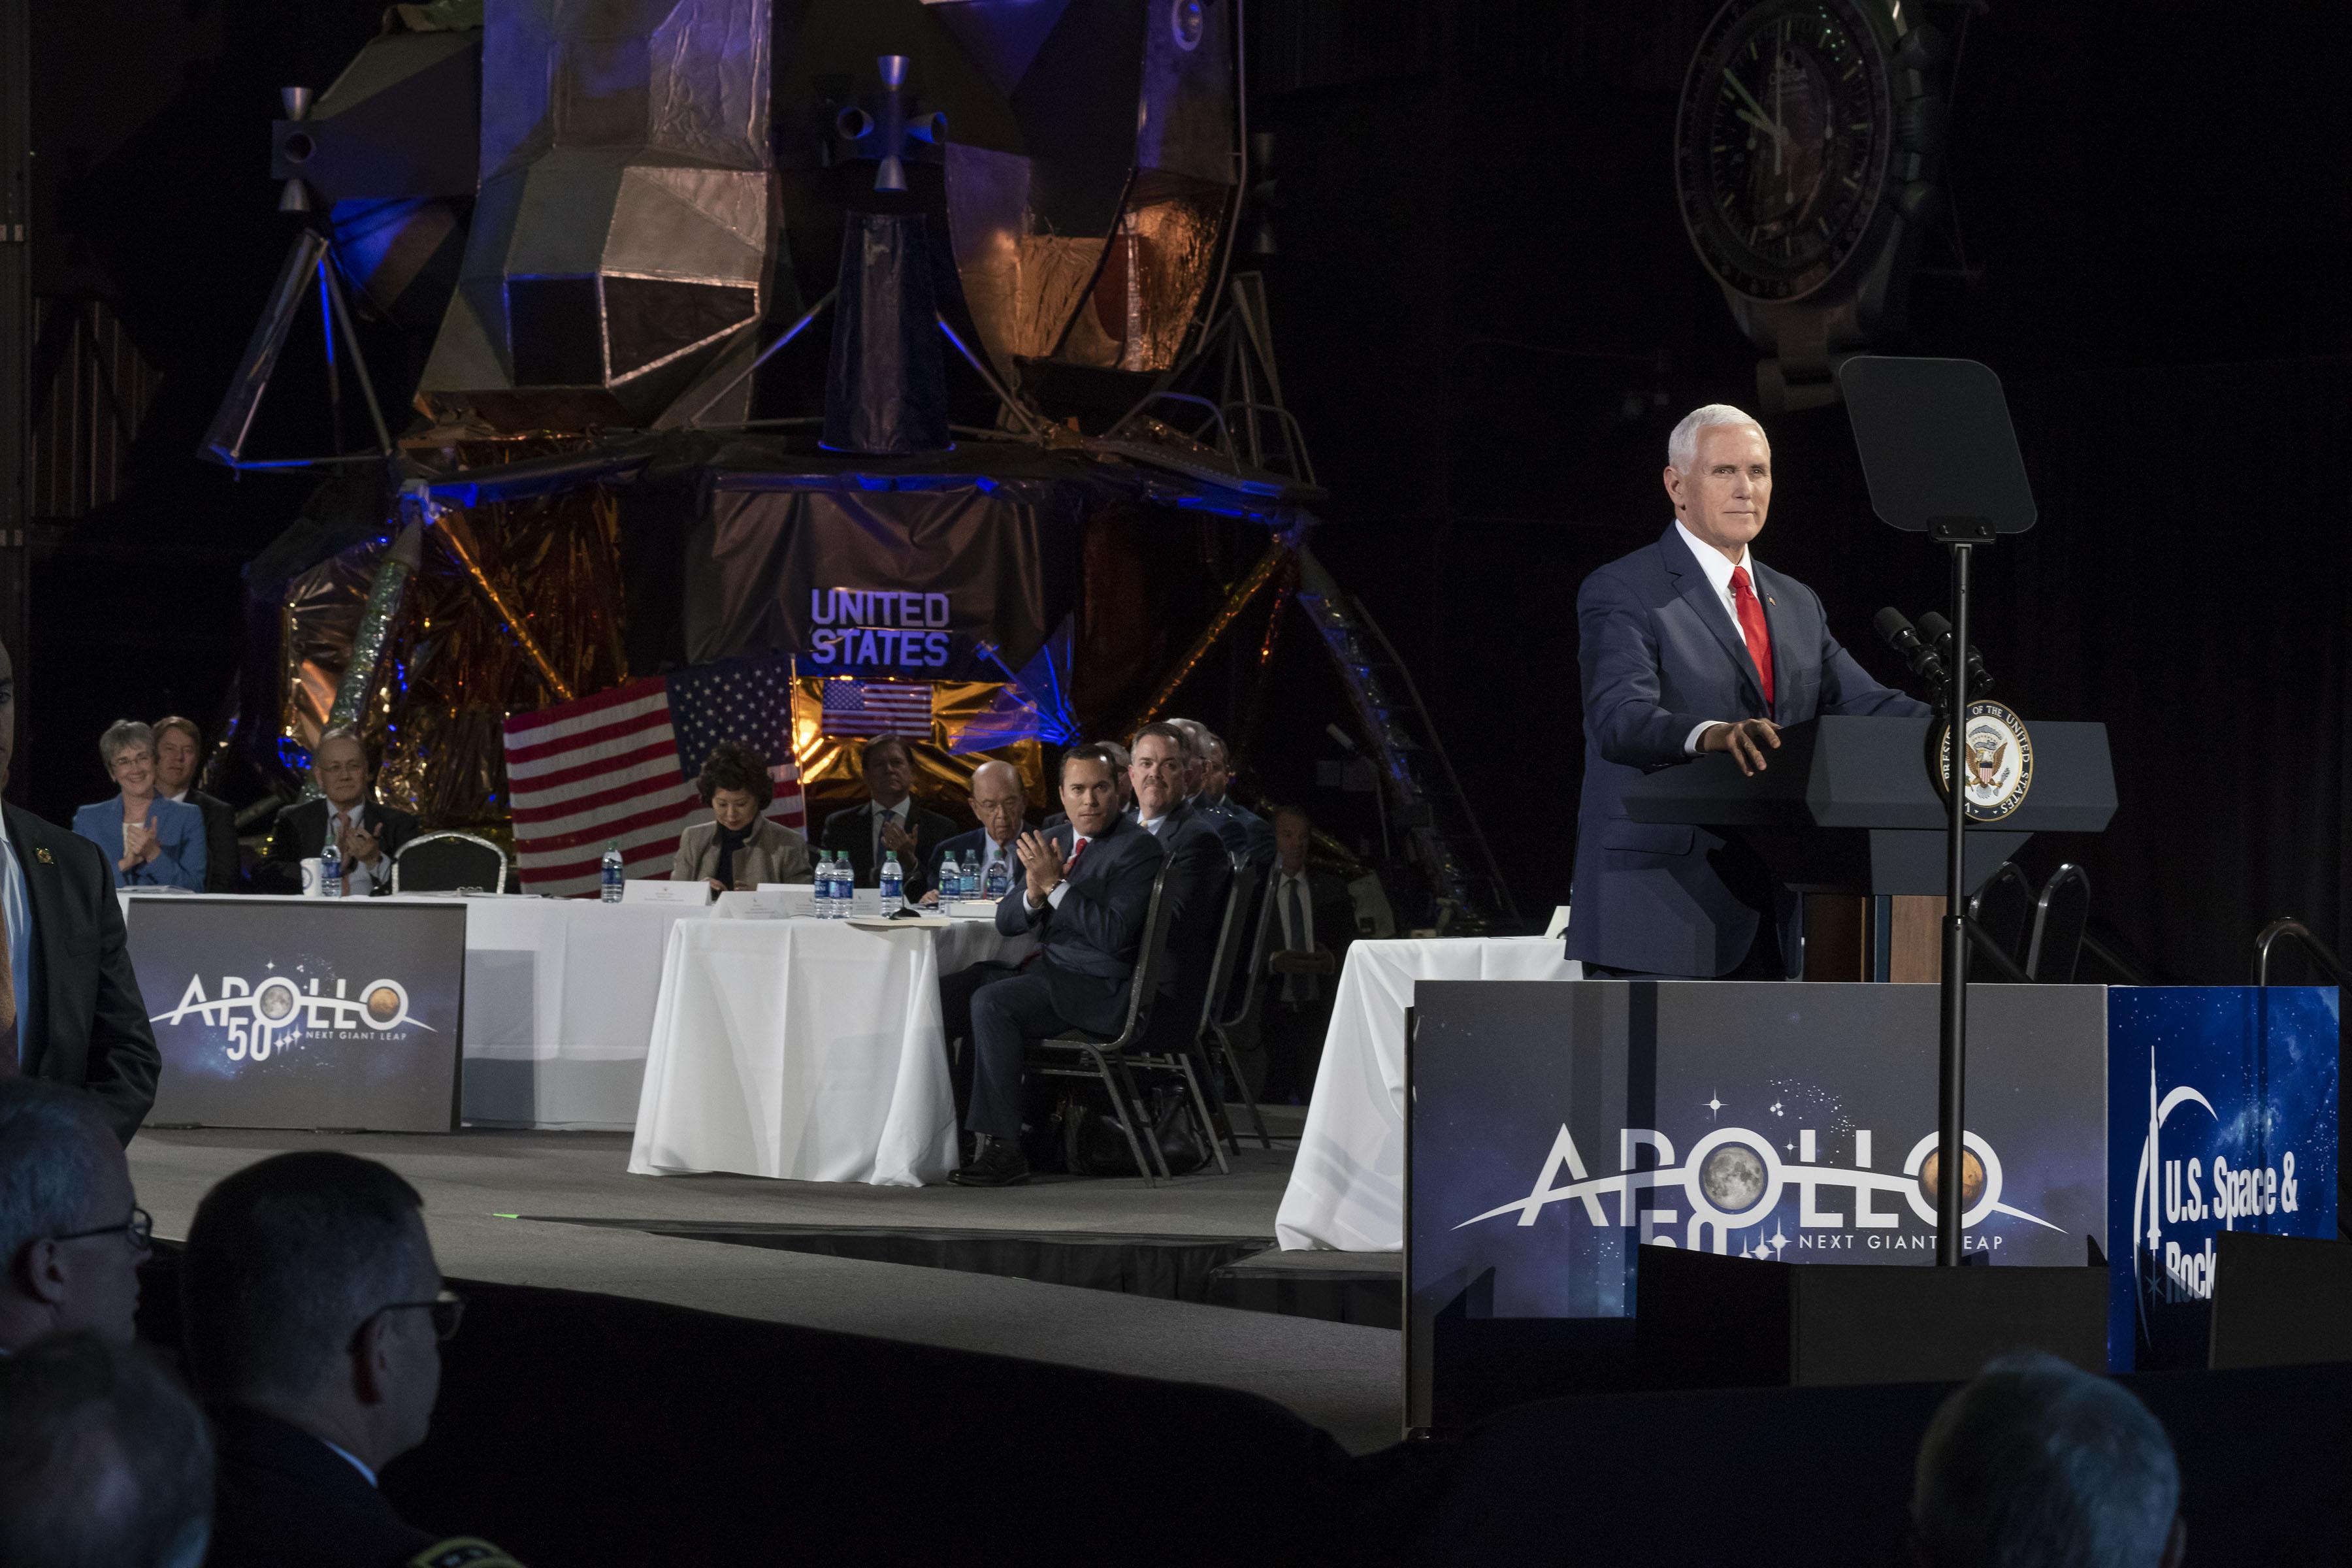 El 26 de marzo de 2019, el United Space and Rocket Center organizó una reunión del Consejo Consultivo Nacional del Espacio. La reunión fue presidida por el vicepresidente de Estados Unidos, Mike Pence, con comentarios de miembros del Consejo, incluido el administrador de la NASA Jim Bridenstine. Crédito: NASA